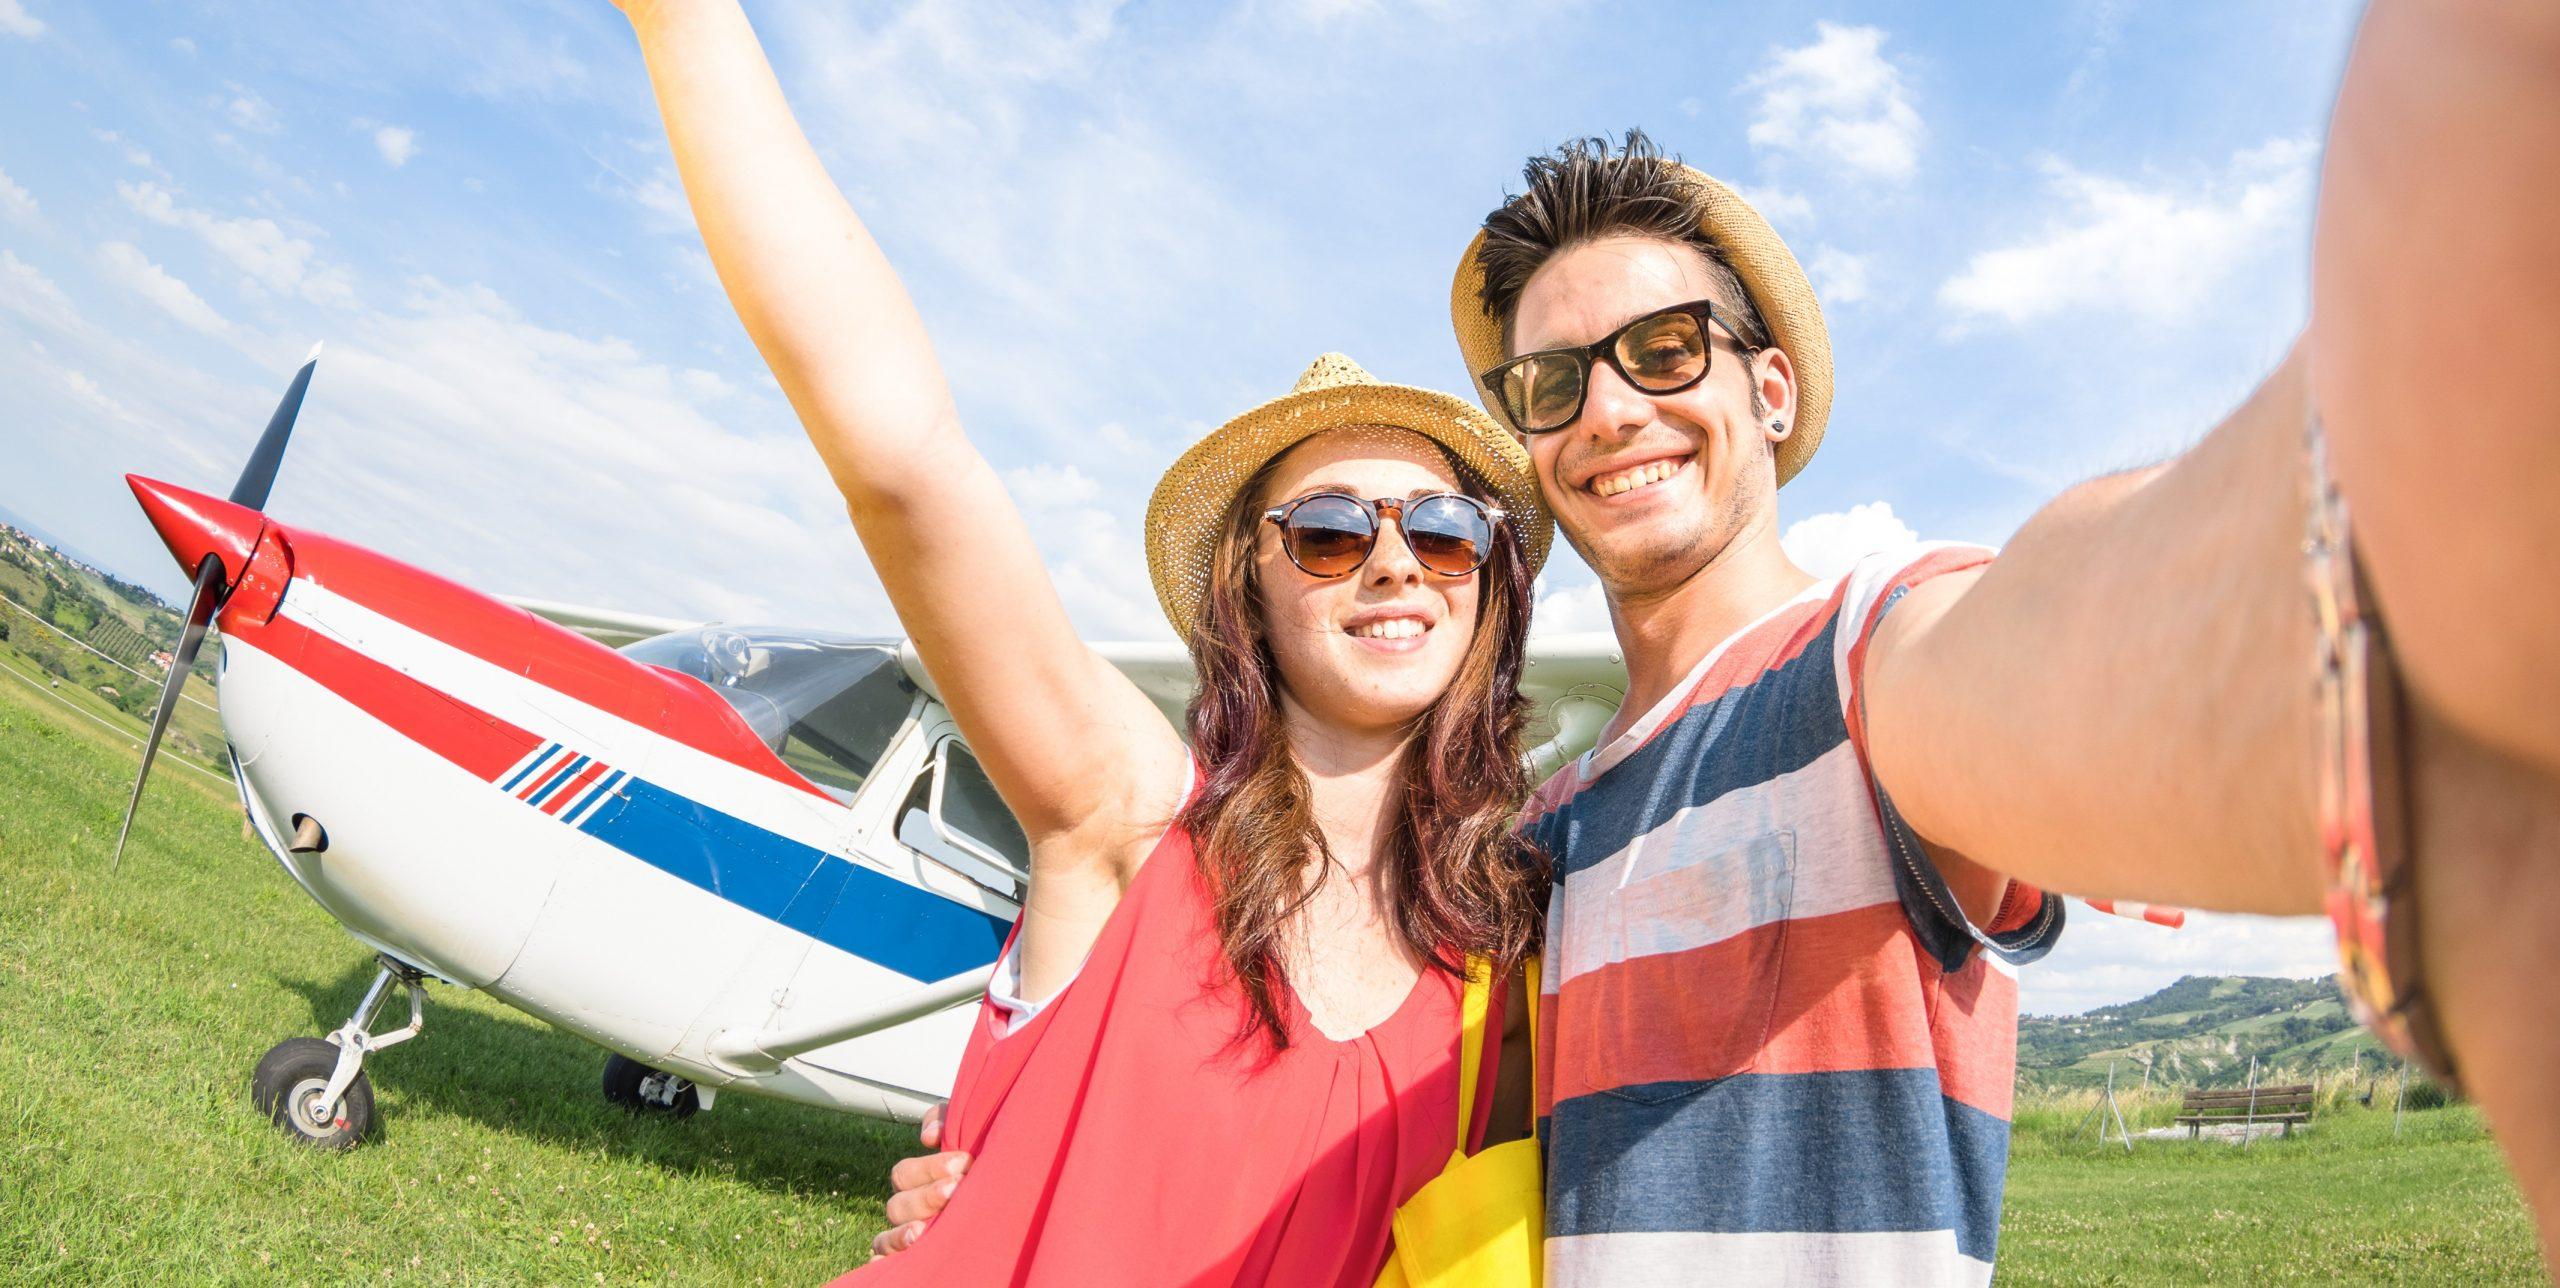 澳立留學 機師課程 RPL 飛行執照 澳洲留學 澳洲移民 澳洲打工渡假 中學留學 小學留學 高中留學 遊學